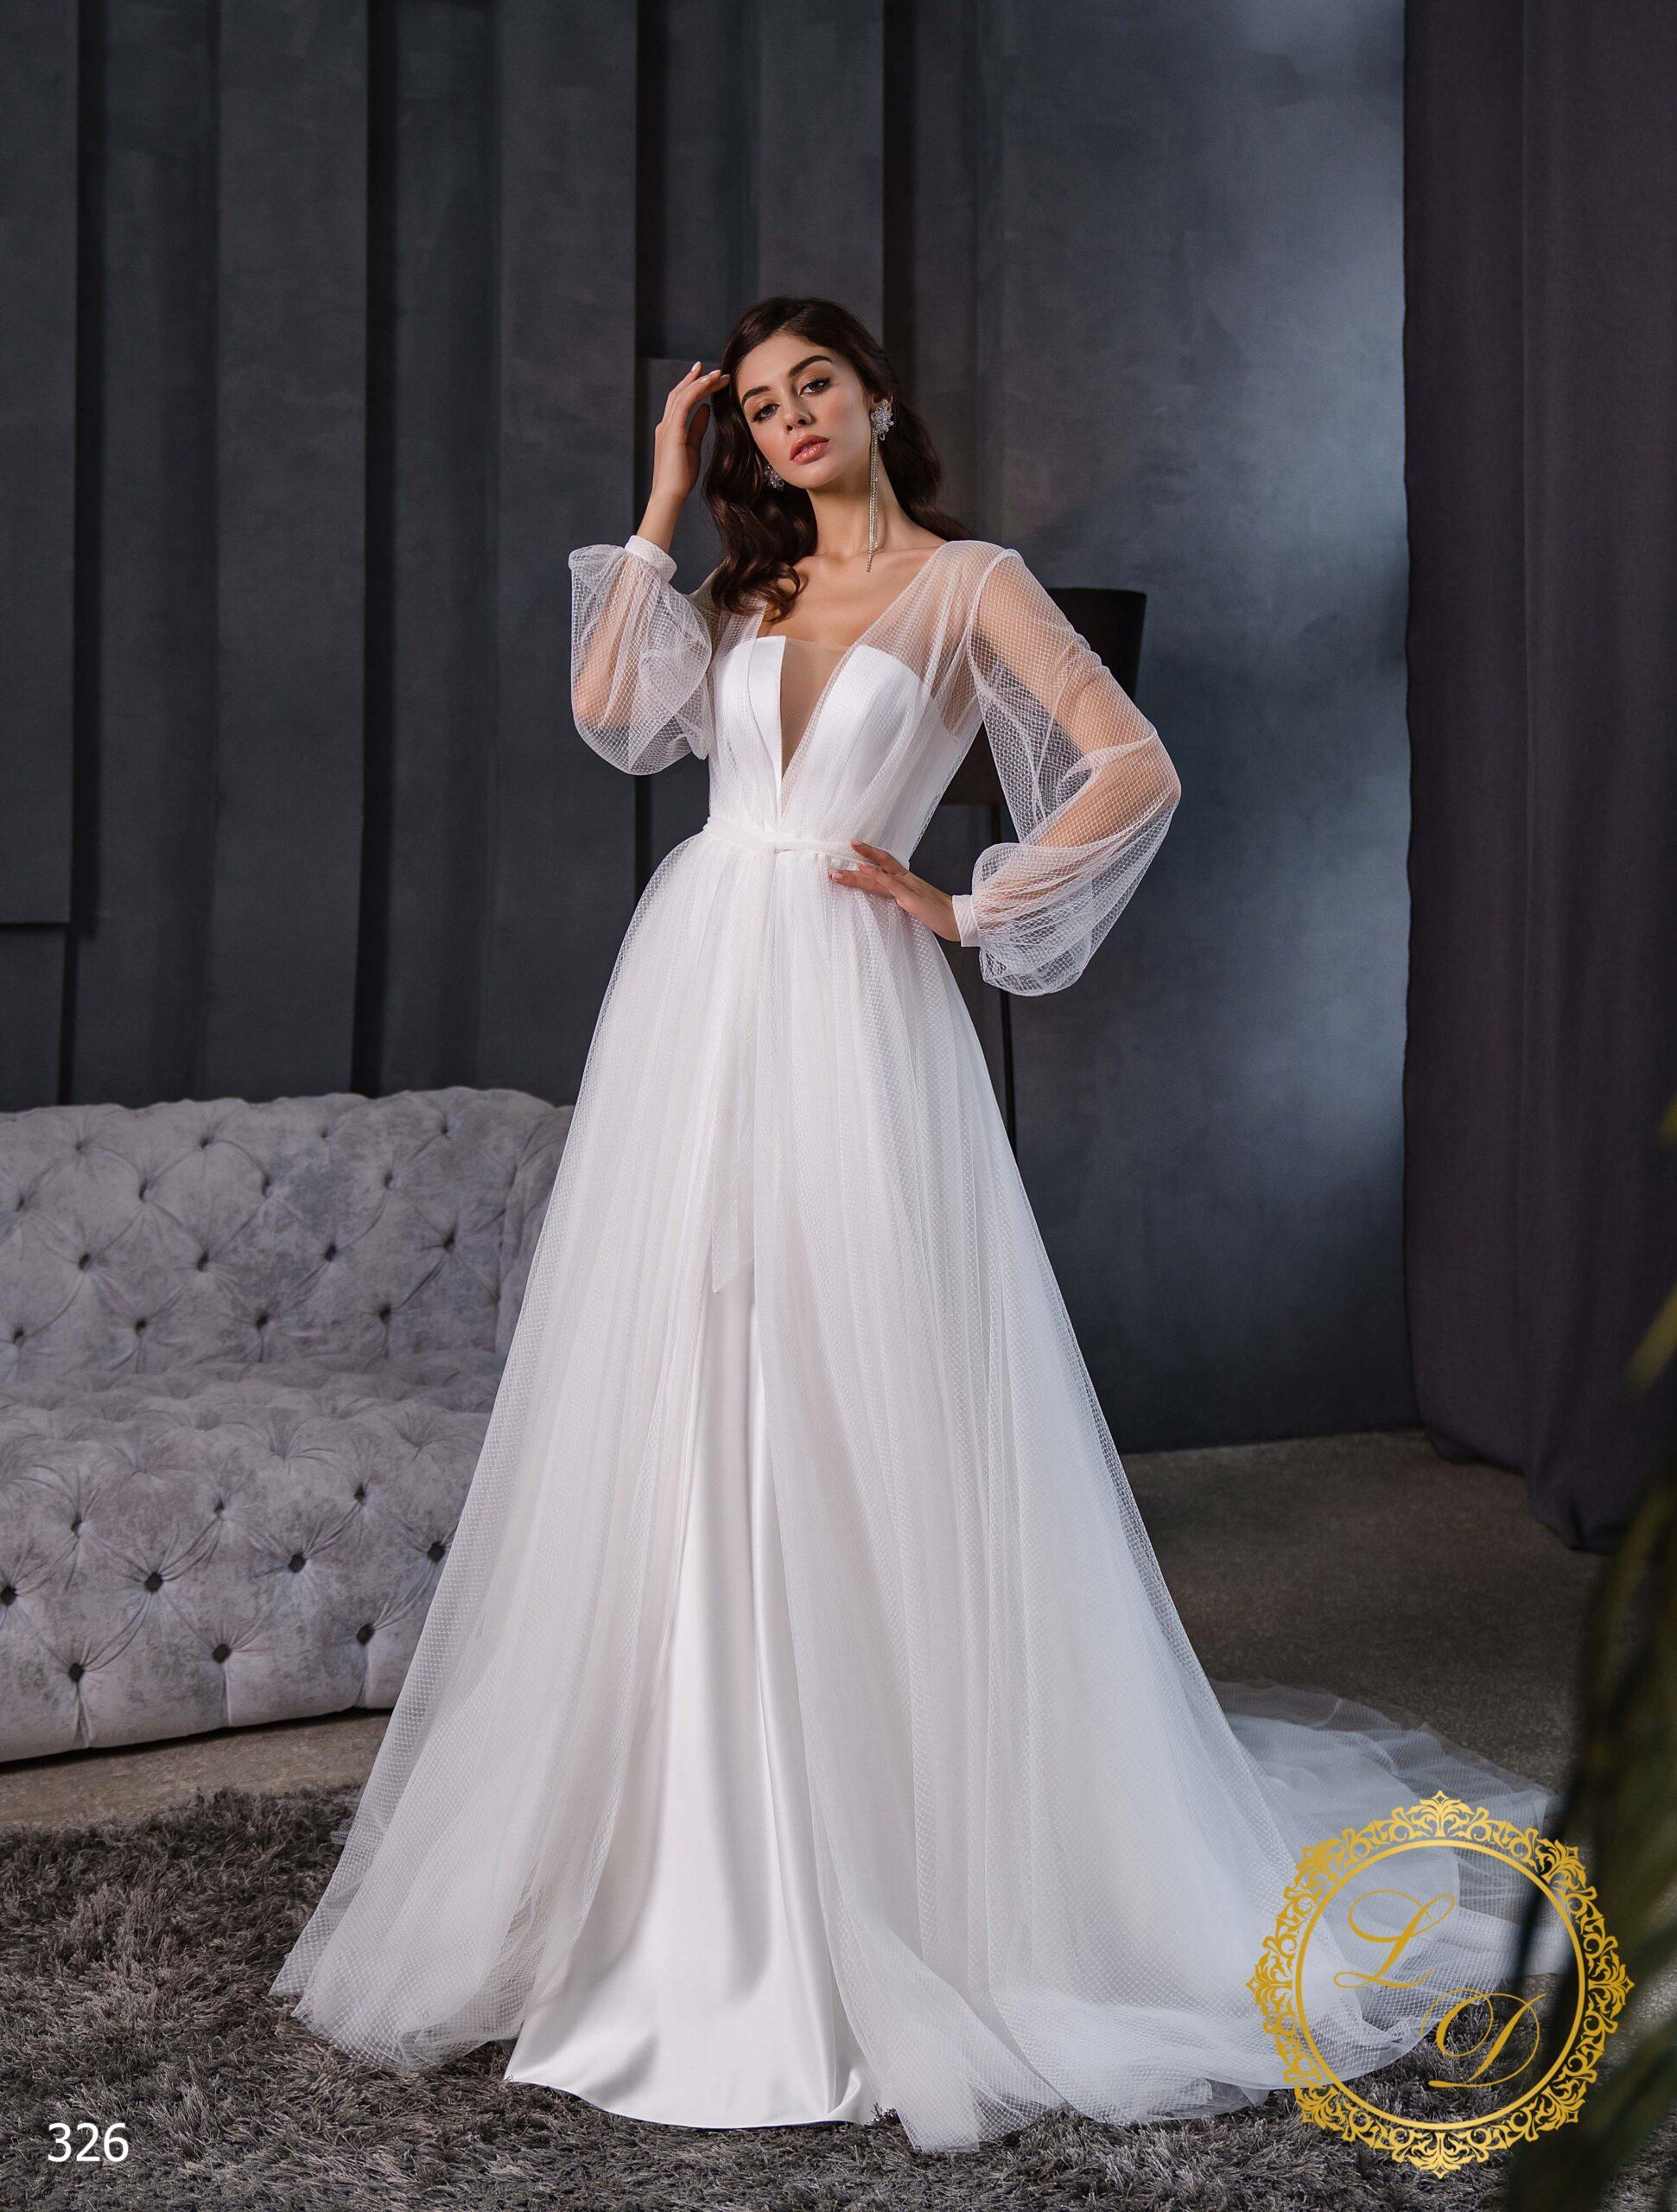 Свадебное платье Lady Di 326-2